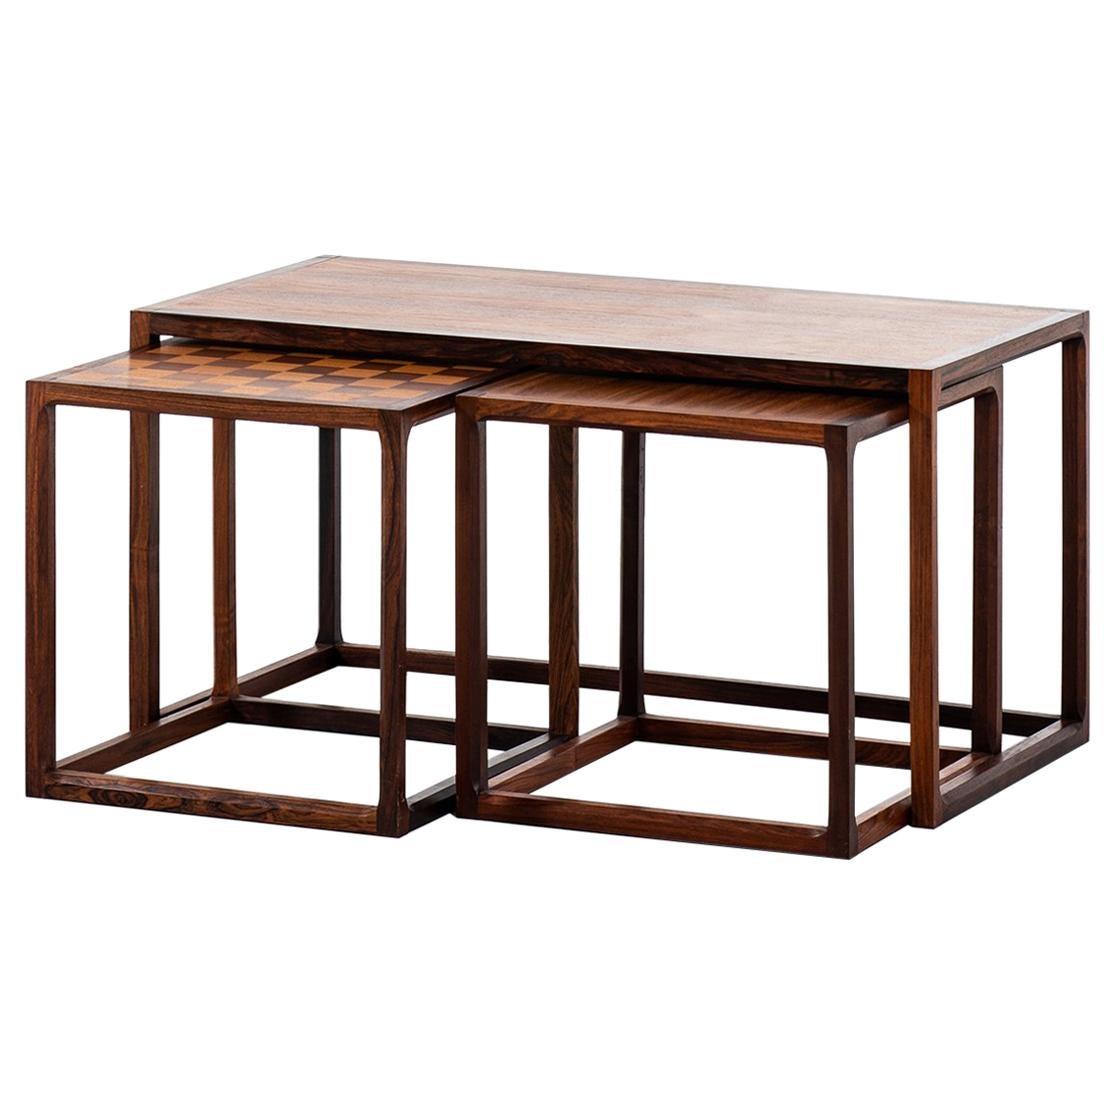 Aksel Kjersgaard Nesting Tables Produced by Odder in Denmark